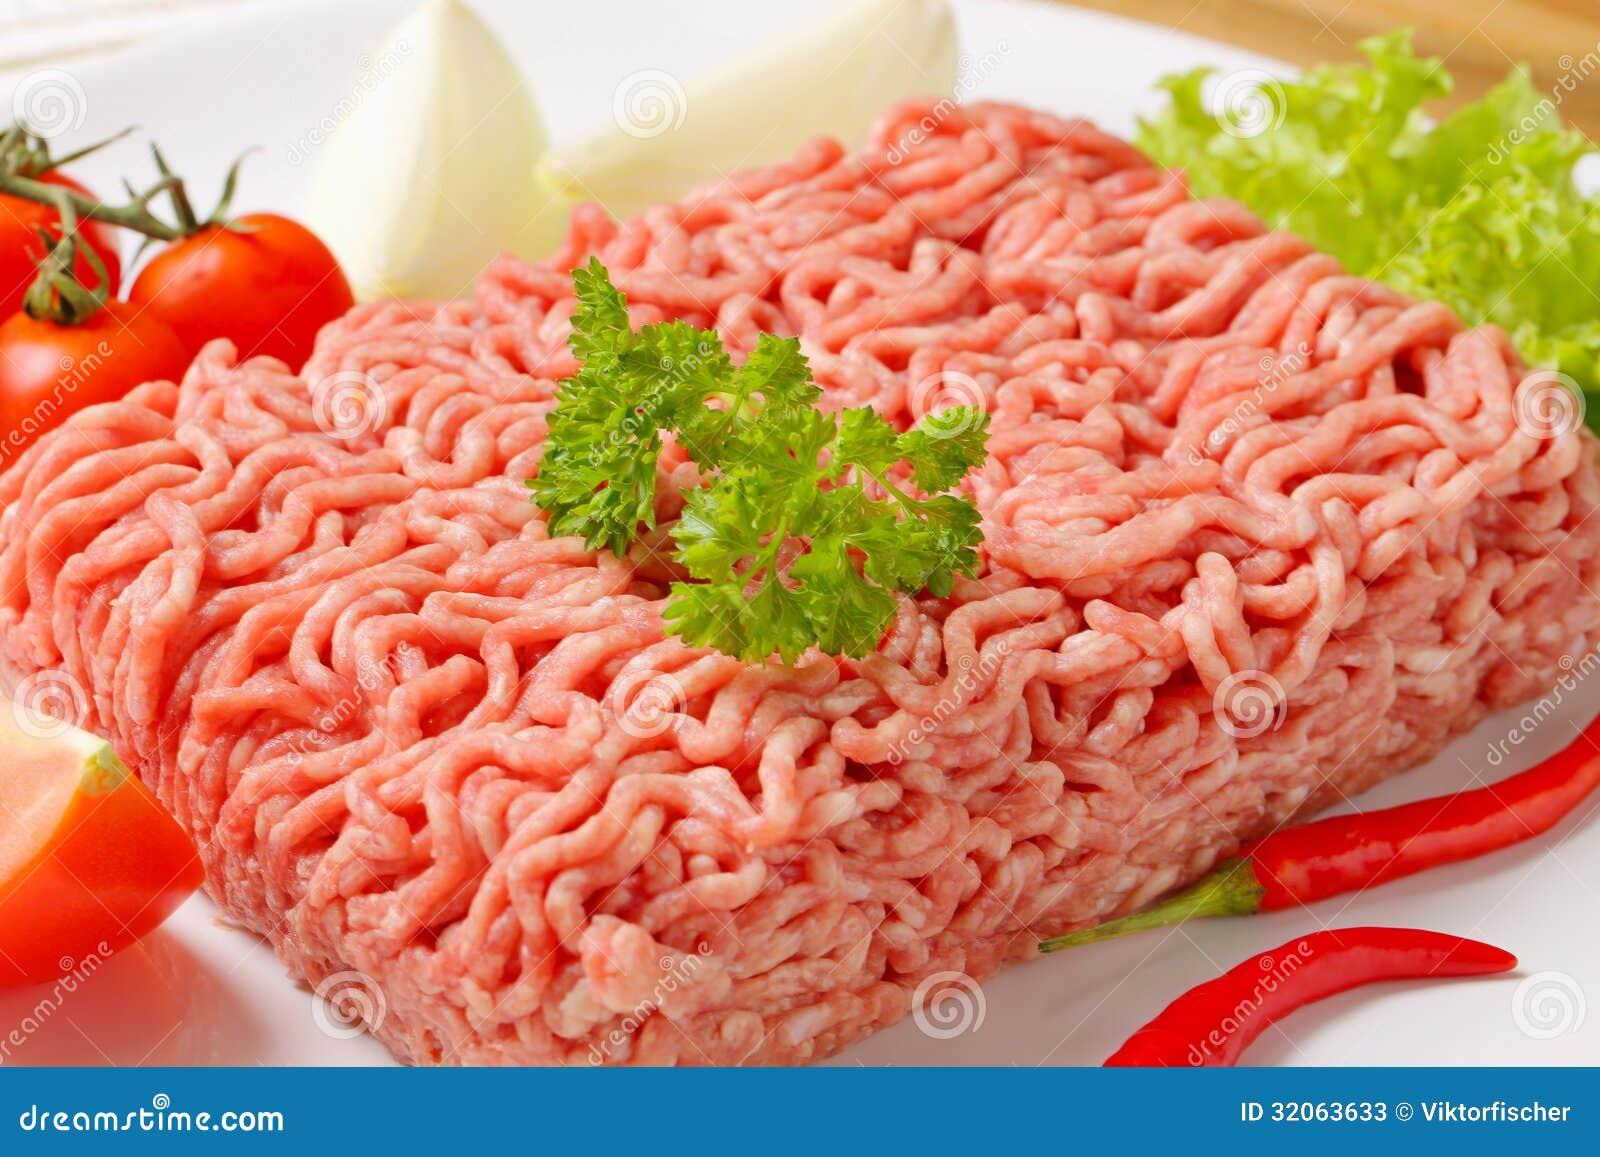 新鲜香米百泉v香米猪肉图片